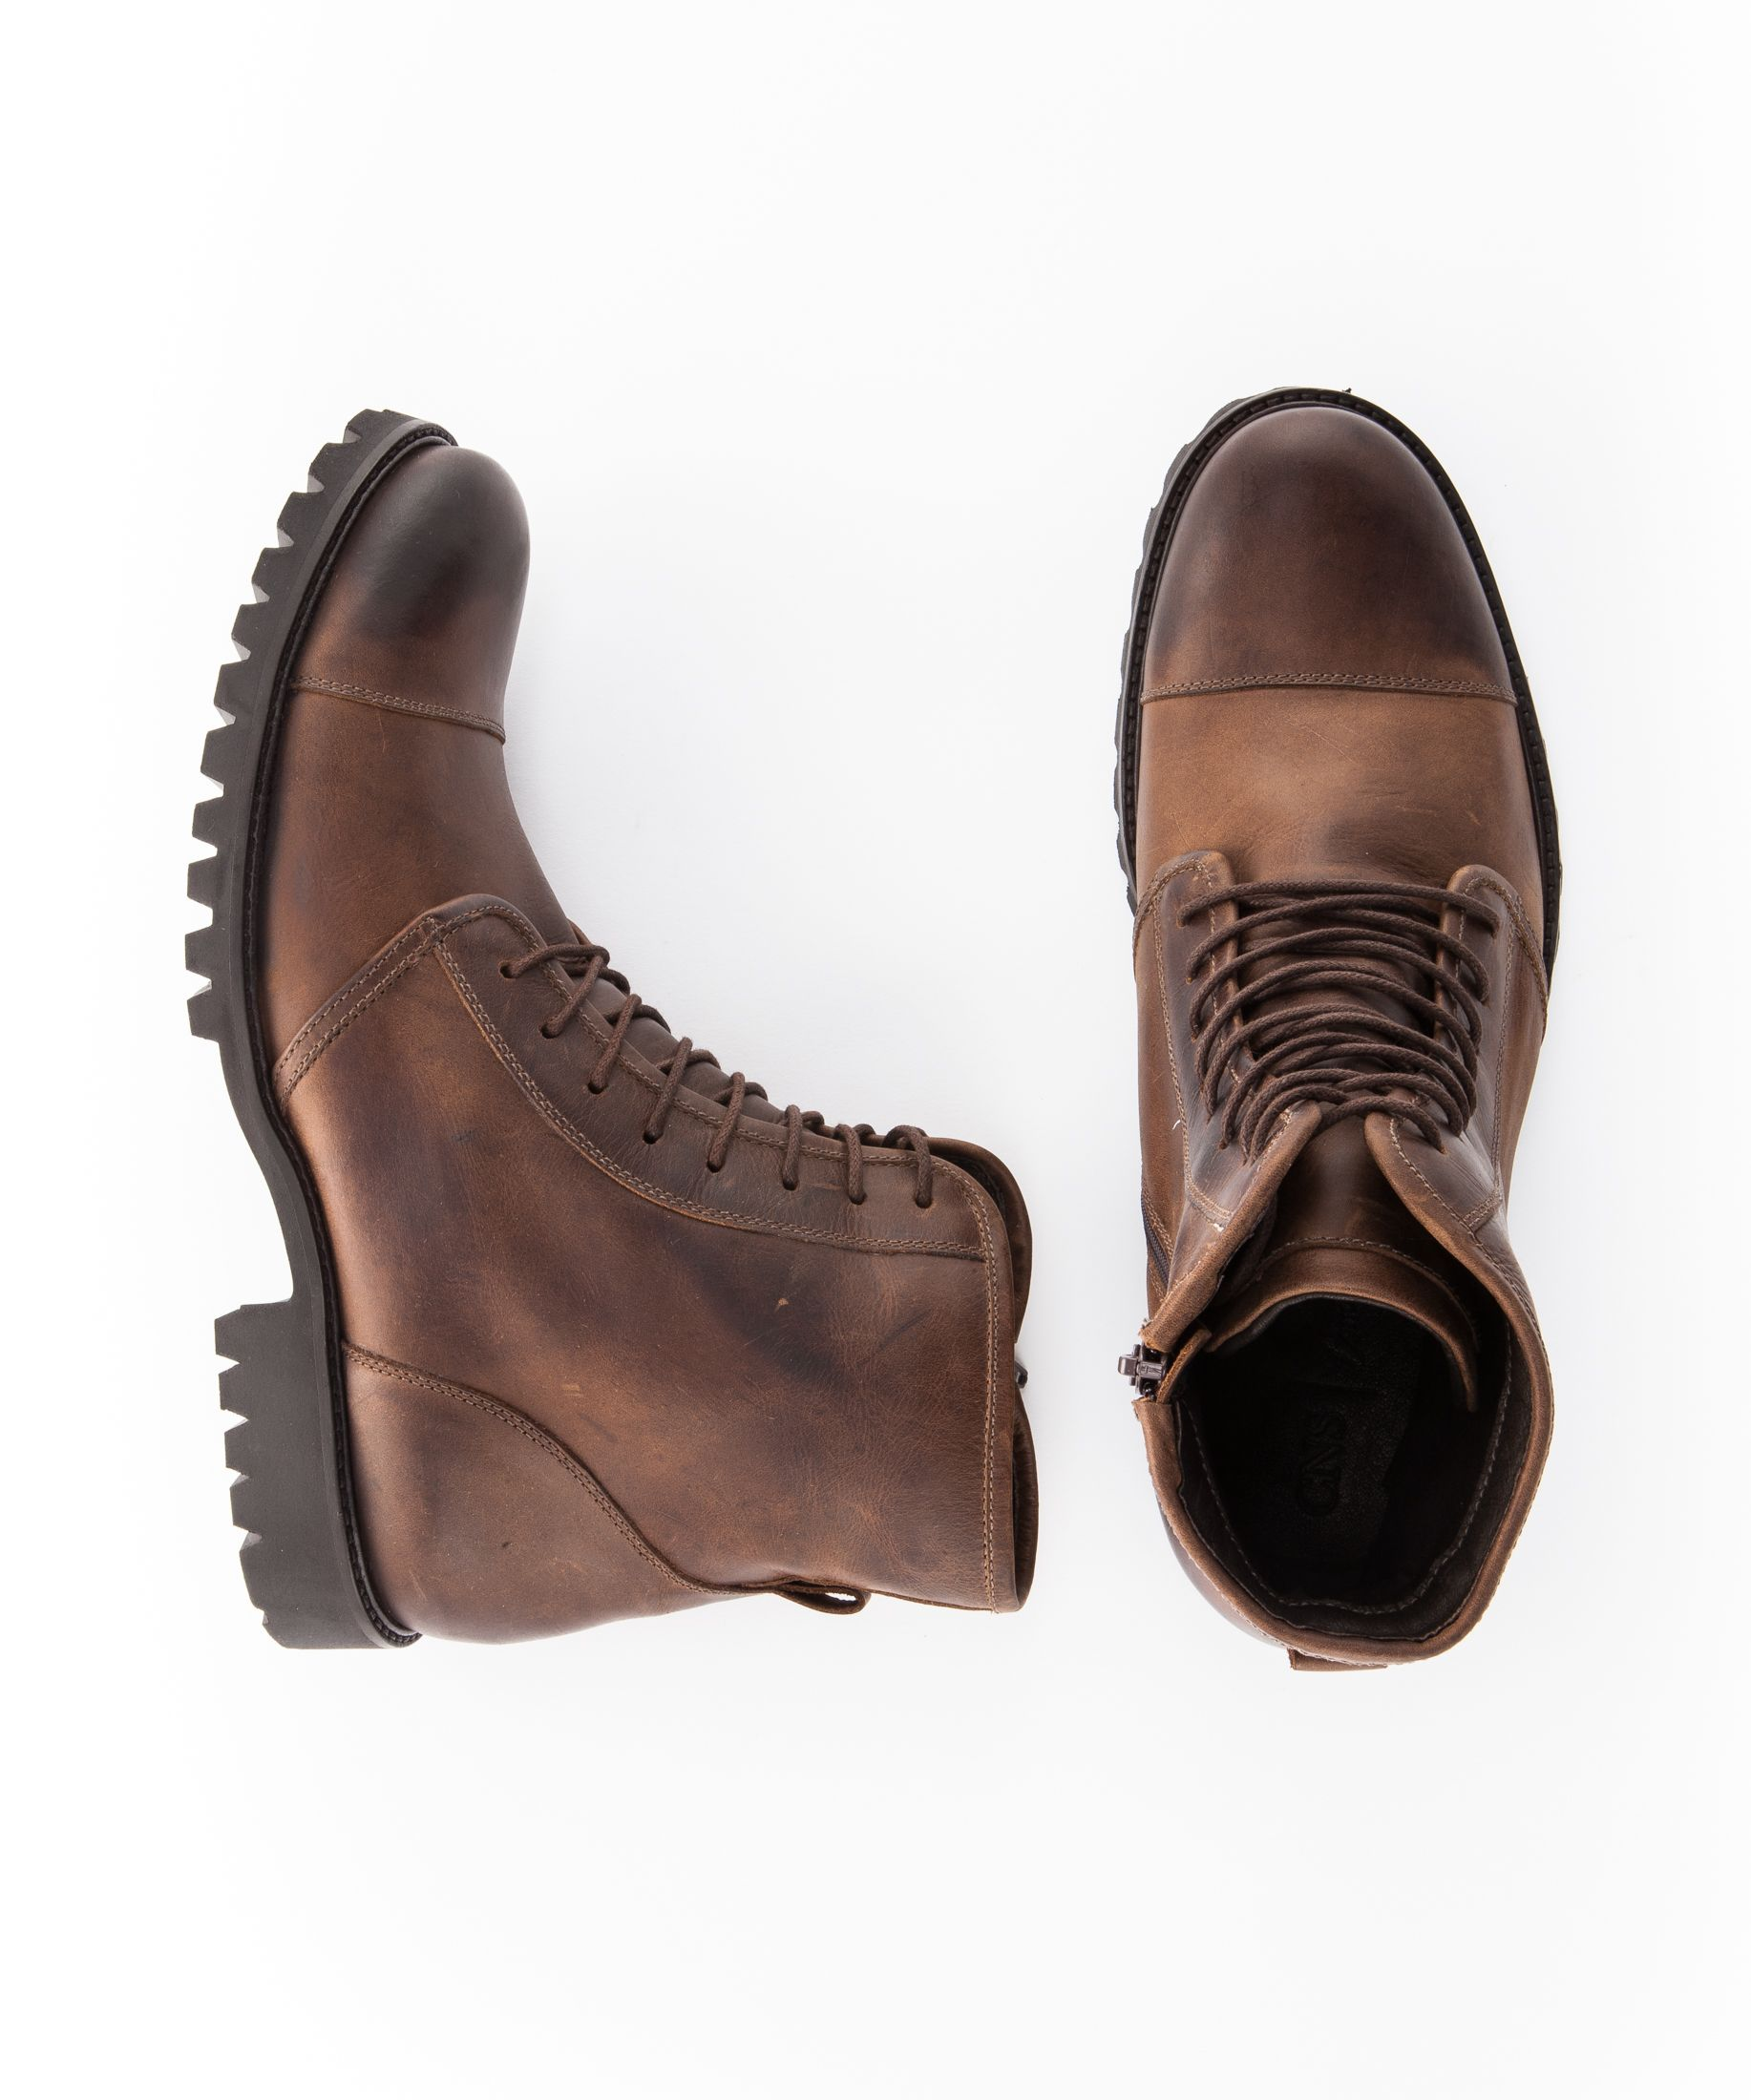 d950f0736 Boot CNS Verdelli   Shoes   Sapatos, Sapatos masculinos e Botas